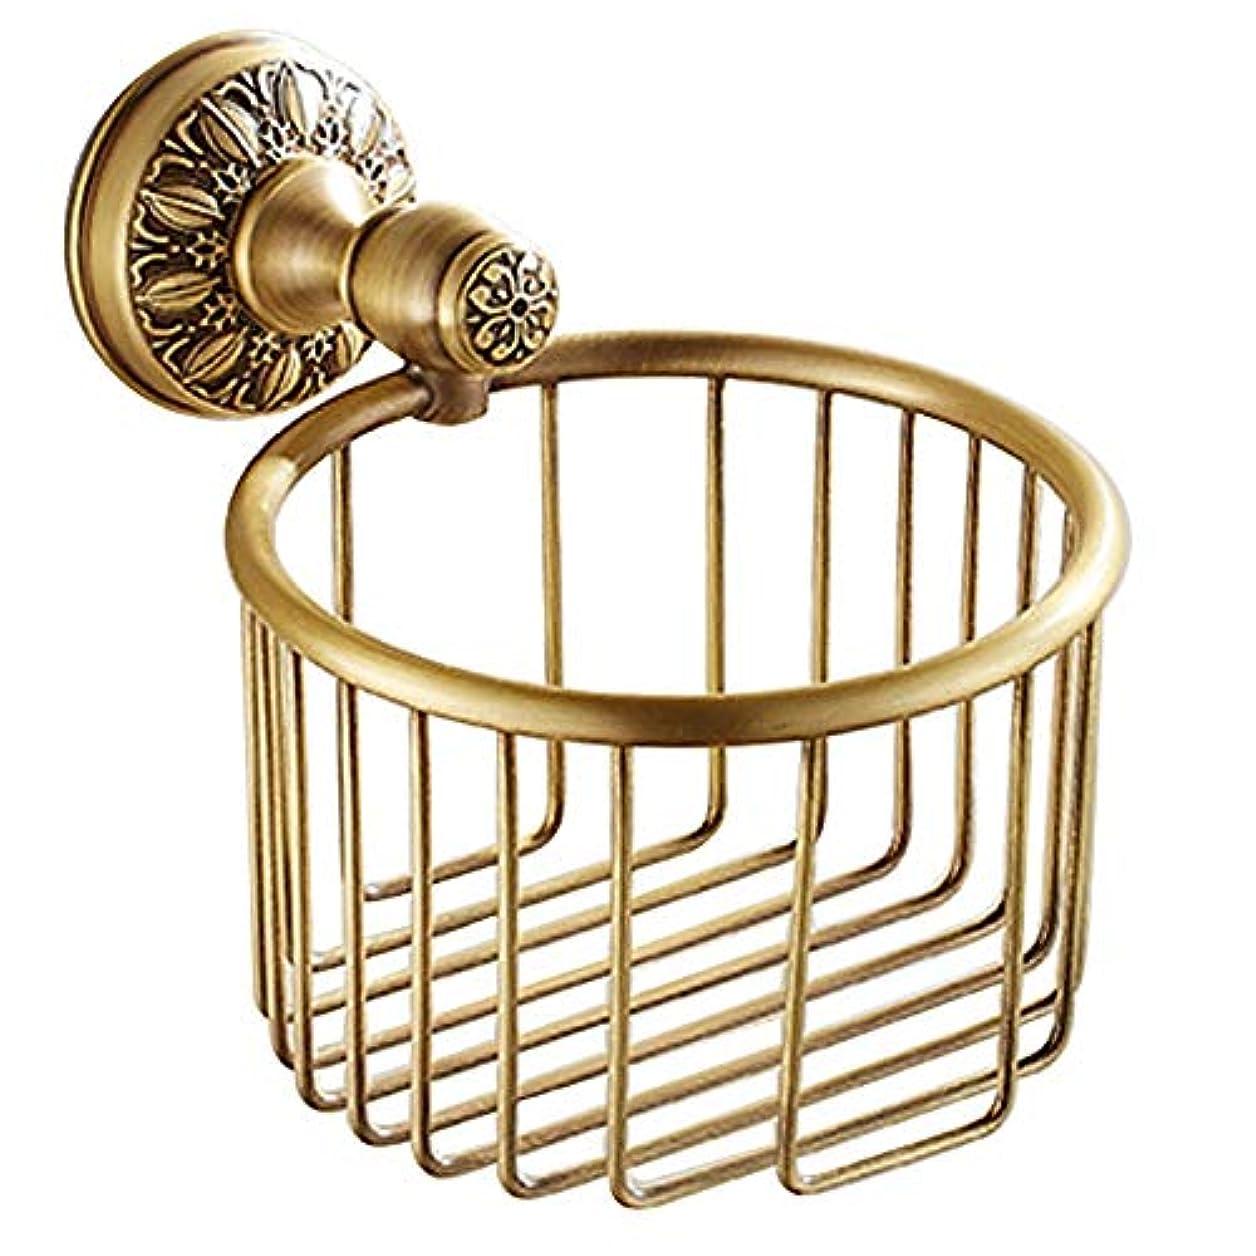 すずめ優れました薬用ZZLX 紙タオルホルダー、ヨーロッパスタイルのフル銅模倣アンティークバスルームトイレットペーパータオルホルダー ロングハンドル風呂ブラシ